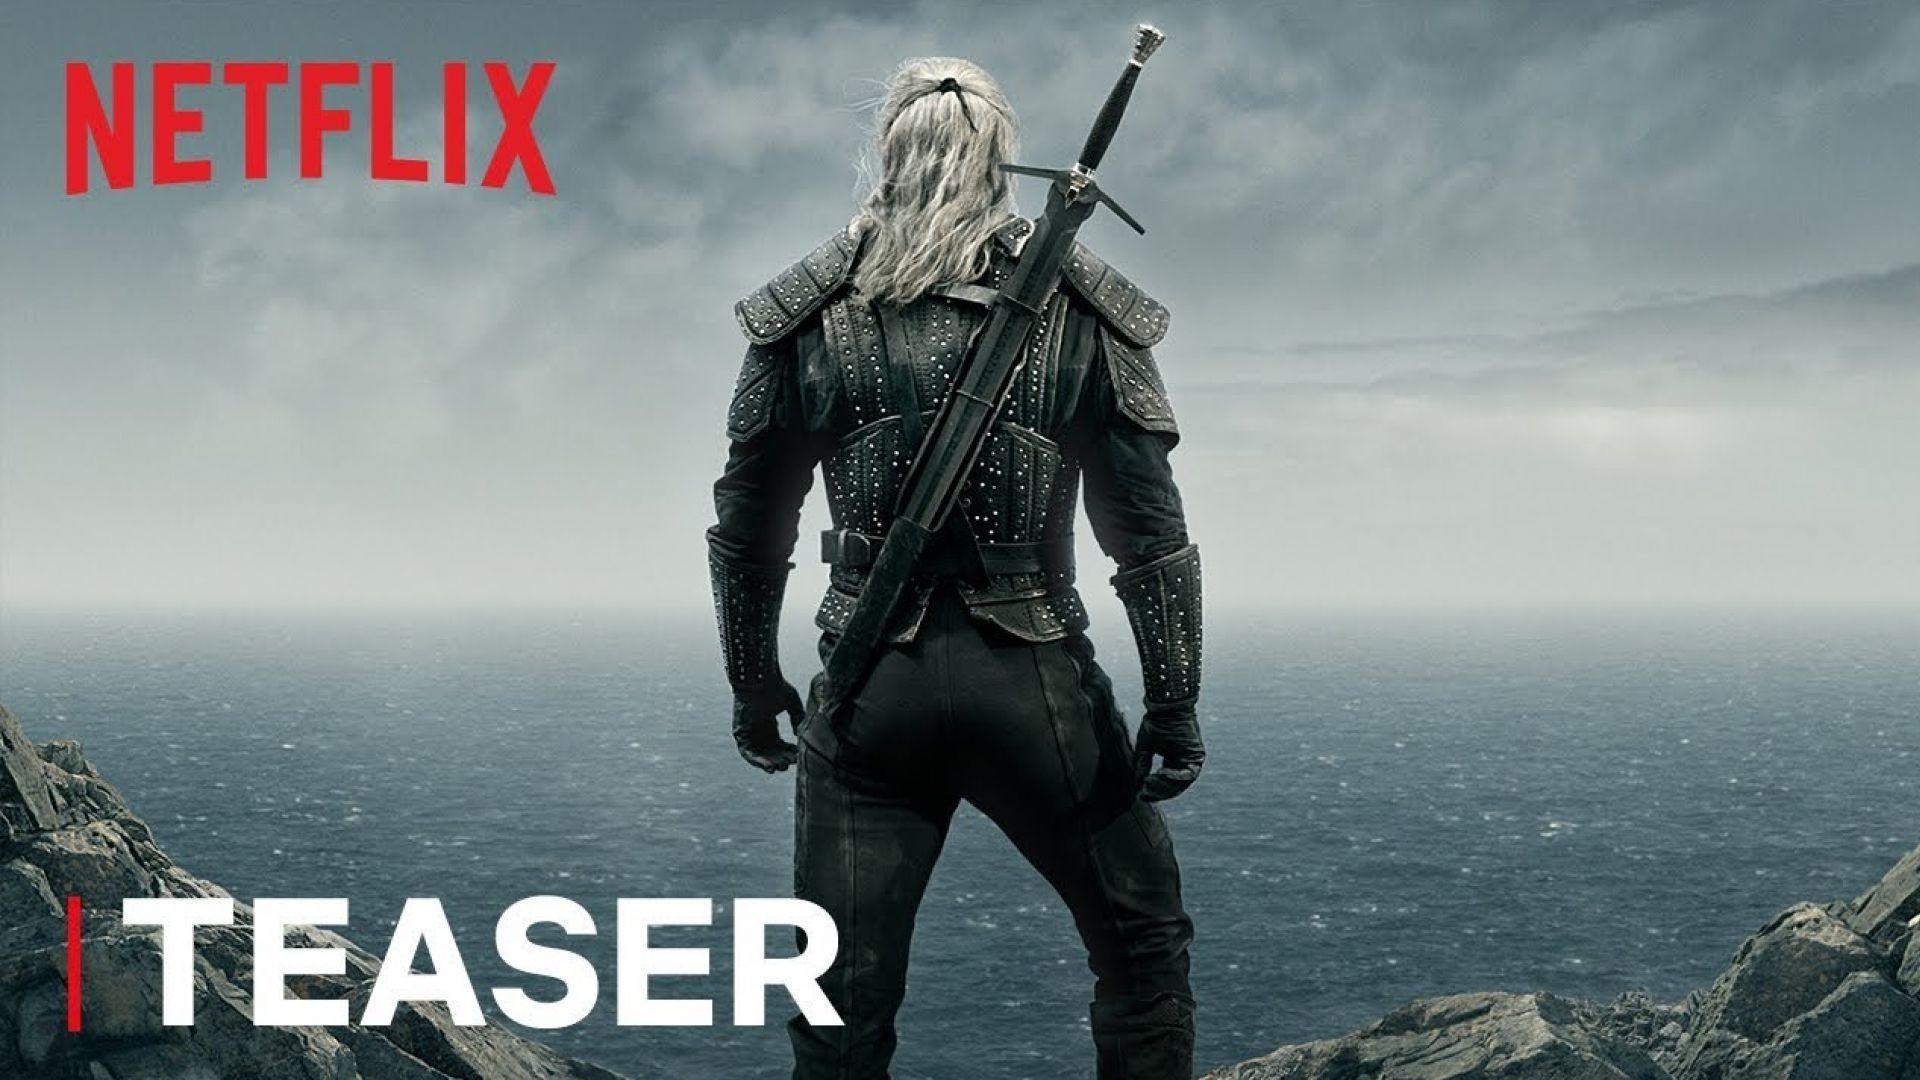 The Witcher   Netflix • December 20, 2019